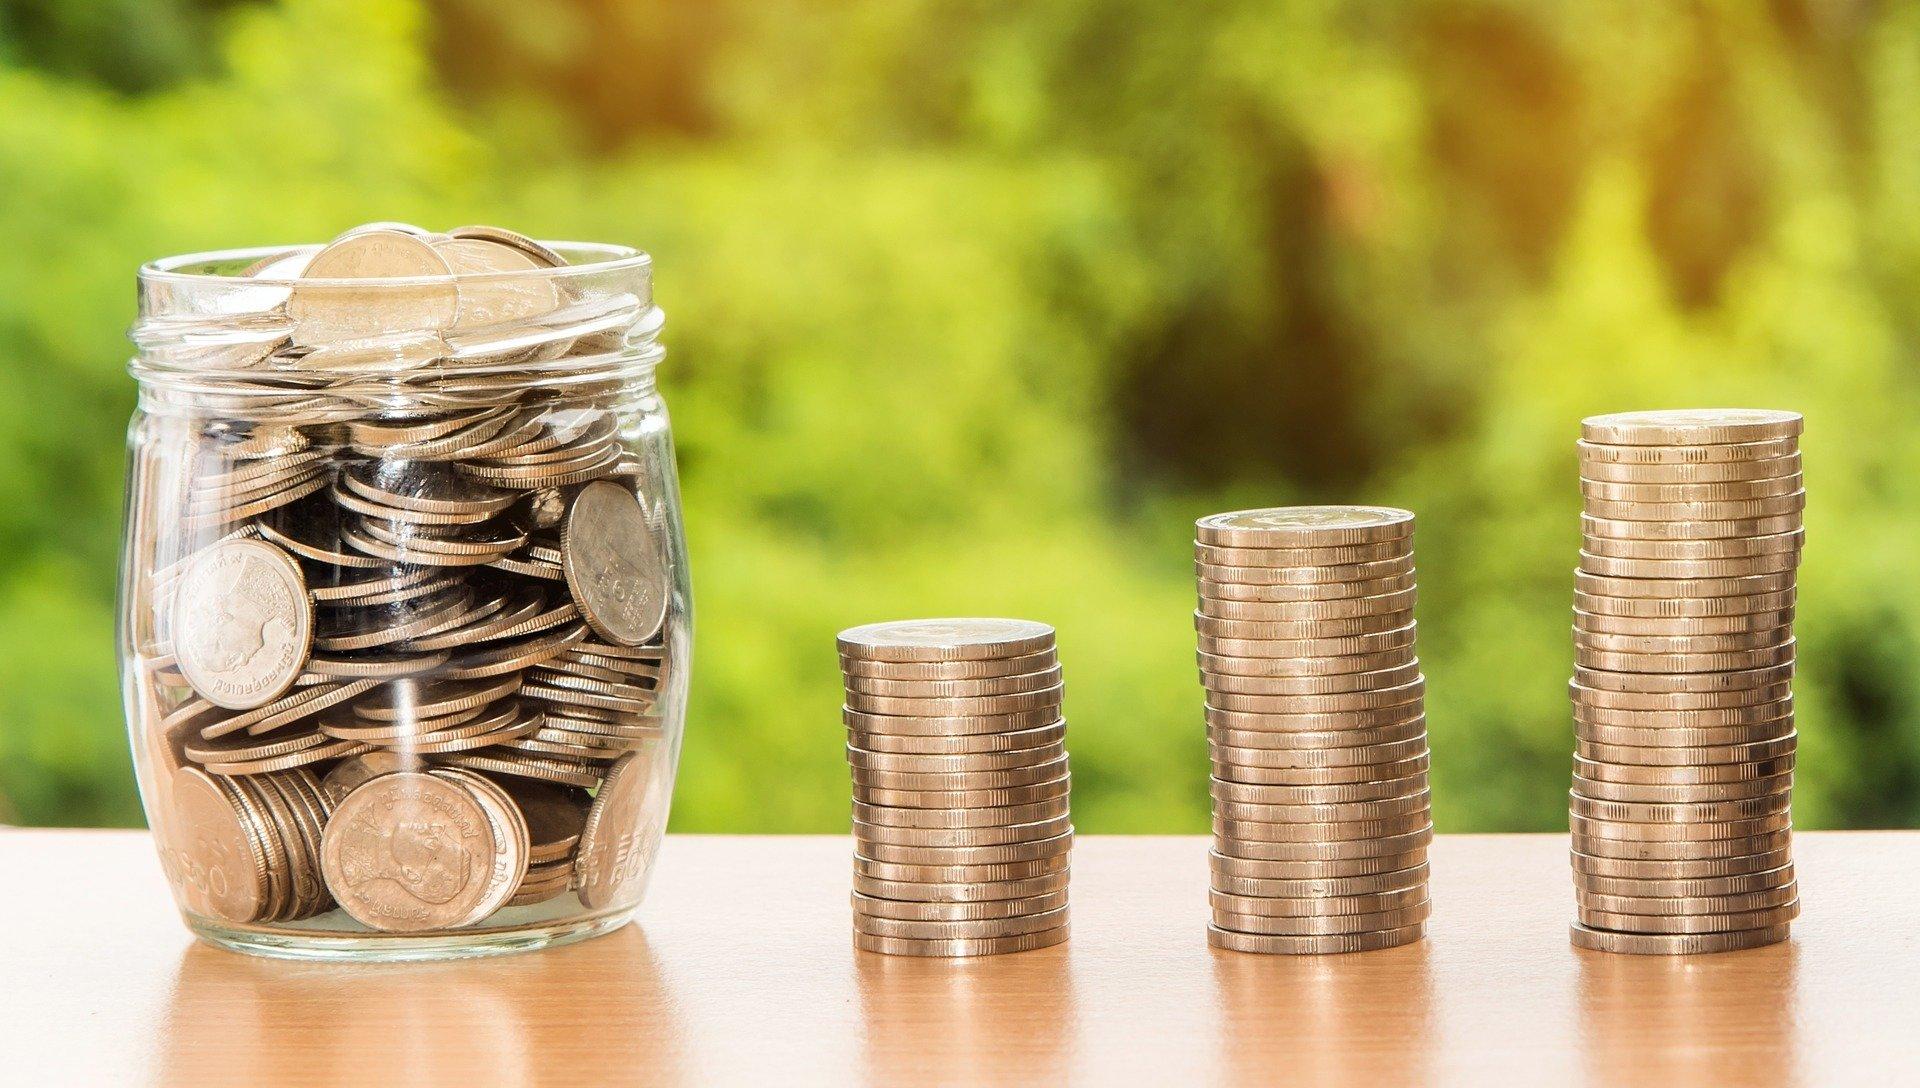 UŁ komentuje: Podatek dochodowy jest niesprawiedliwy